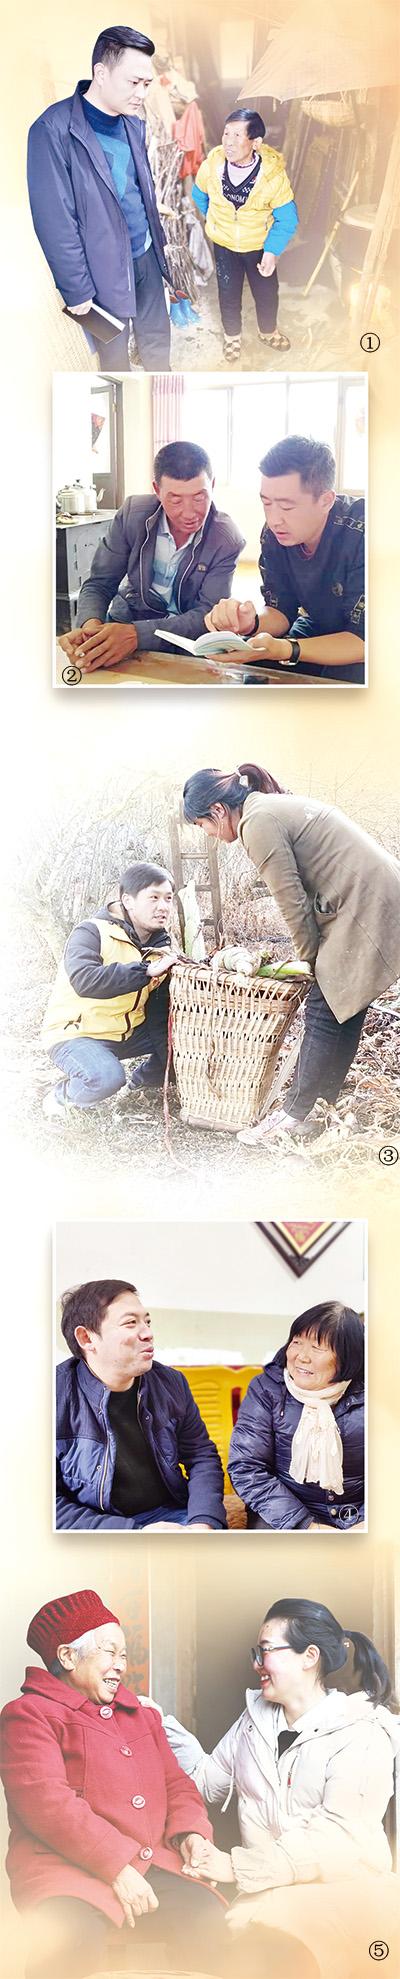 http://www.k2summit.cn/caijingfenxi/1818887.html